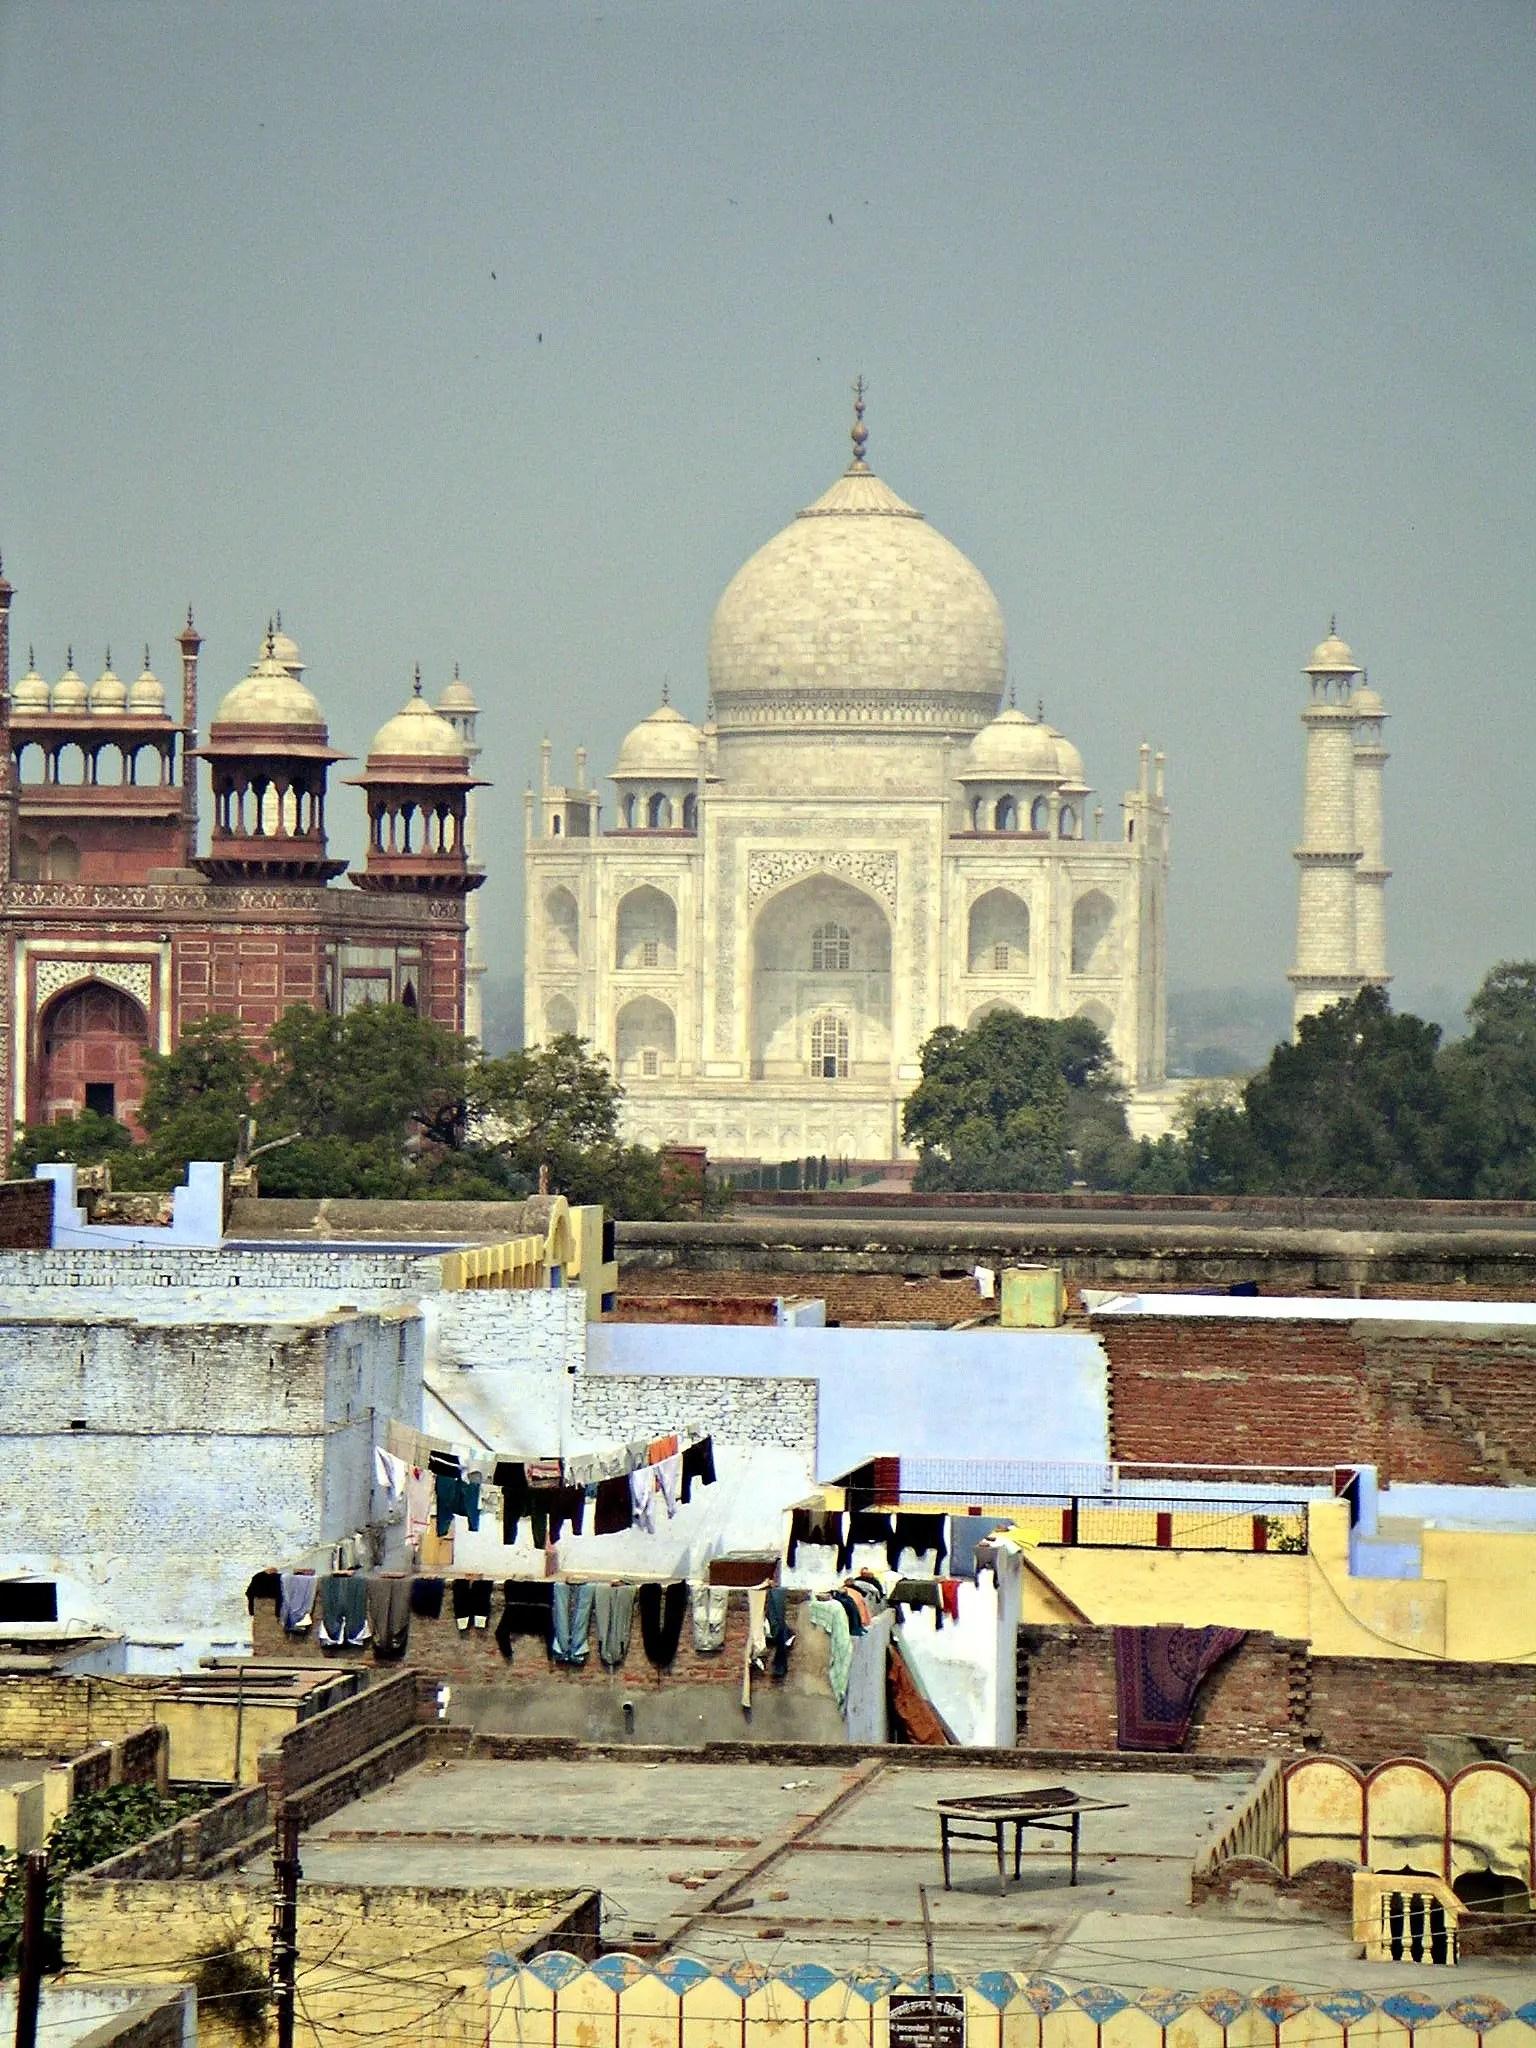 Finally, the Taj Mahal